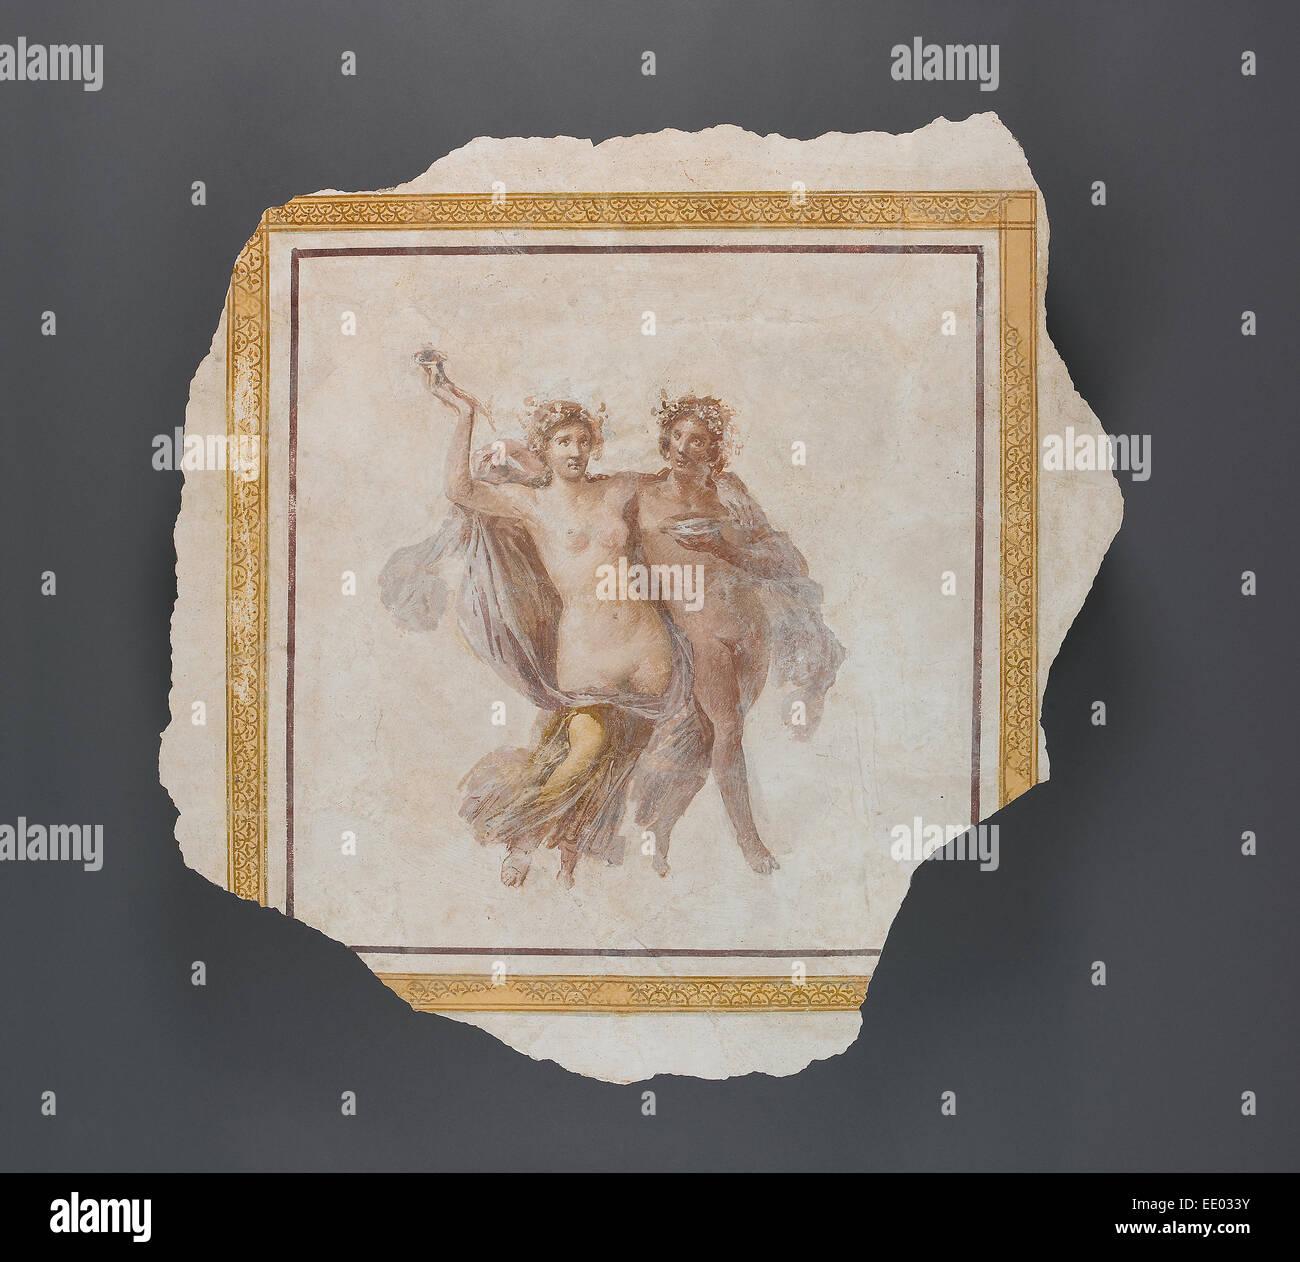 Fresco Panel Depicting Dionysos and Ariadne; Unknown; Italy, Europe; 1st century; Fresco - Stock Image